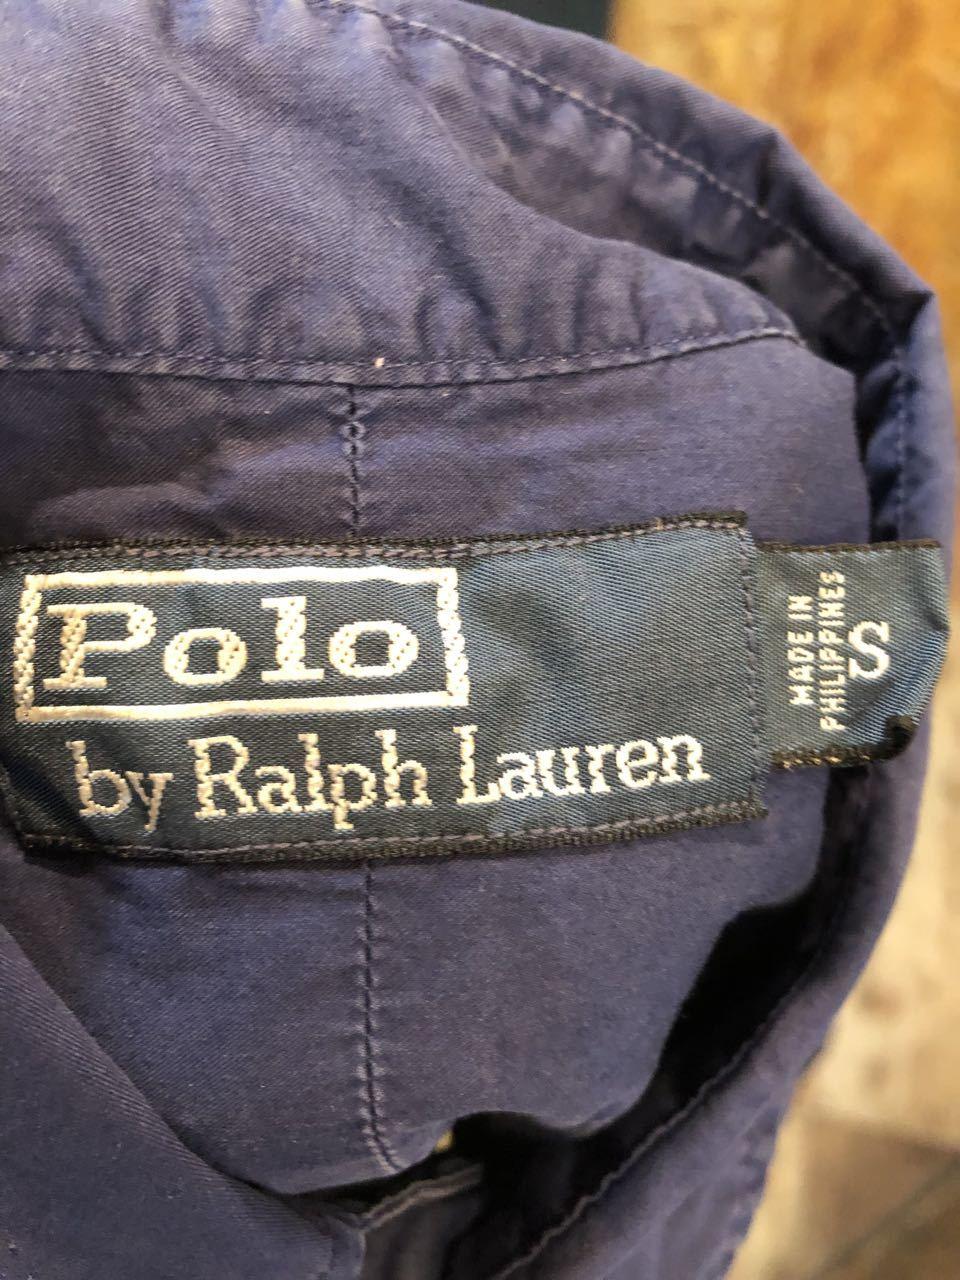 5月3日(金)入荷! POLO RALPH LAUREN コットンサテンシャツ!_c0144020_19335438.jpg